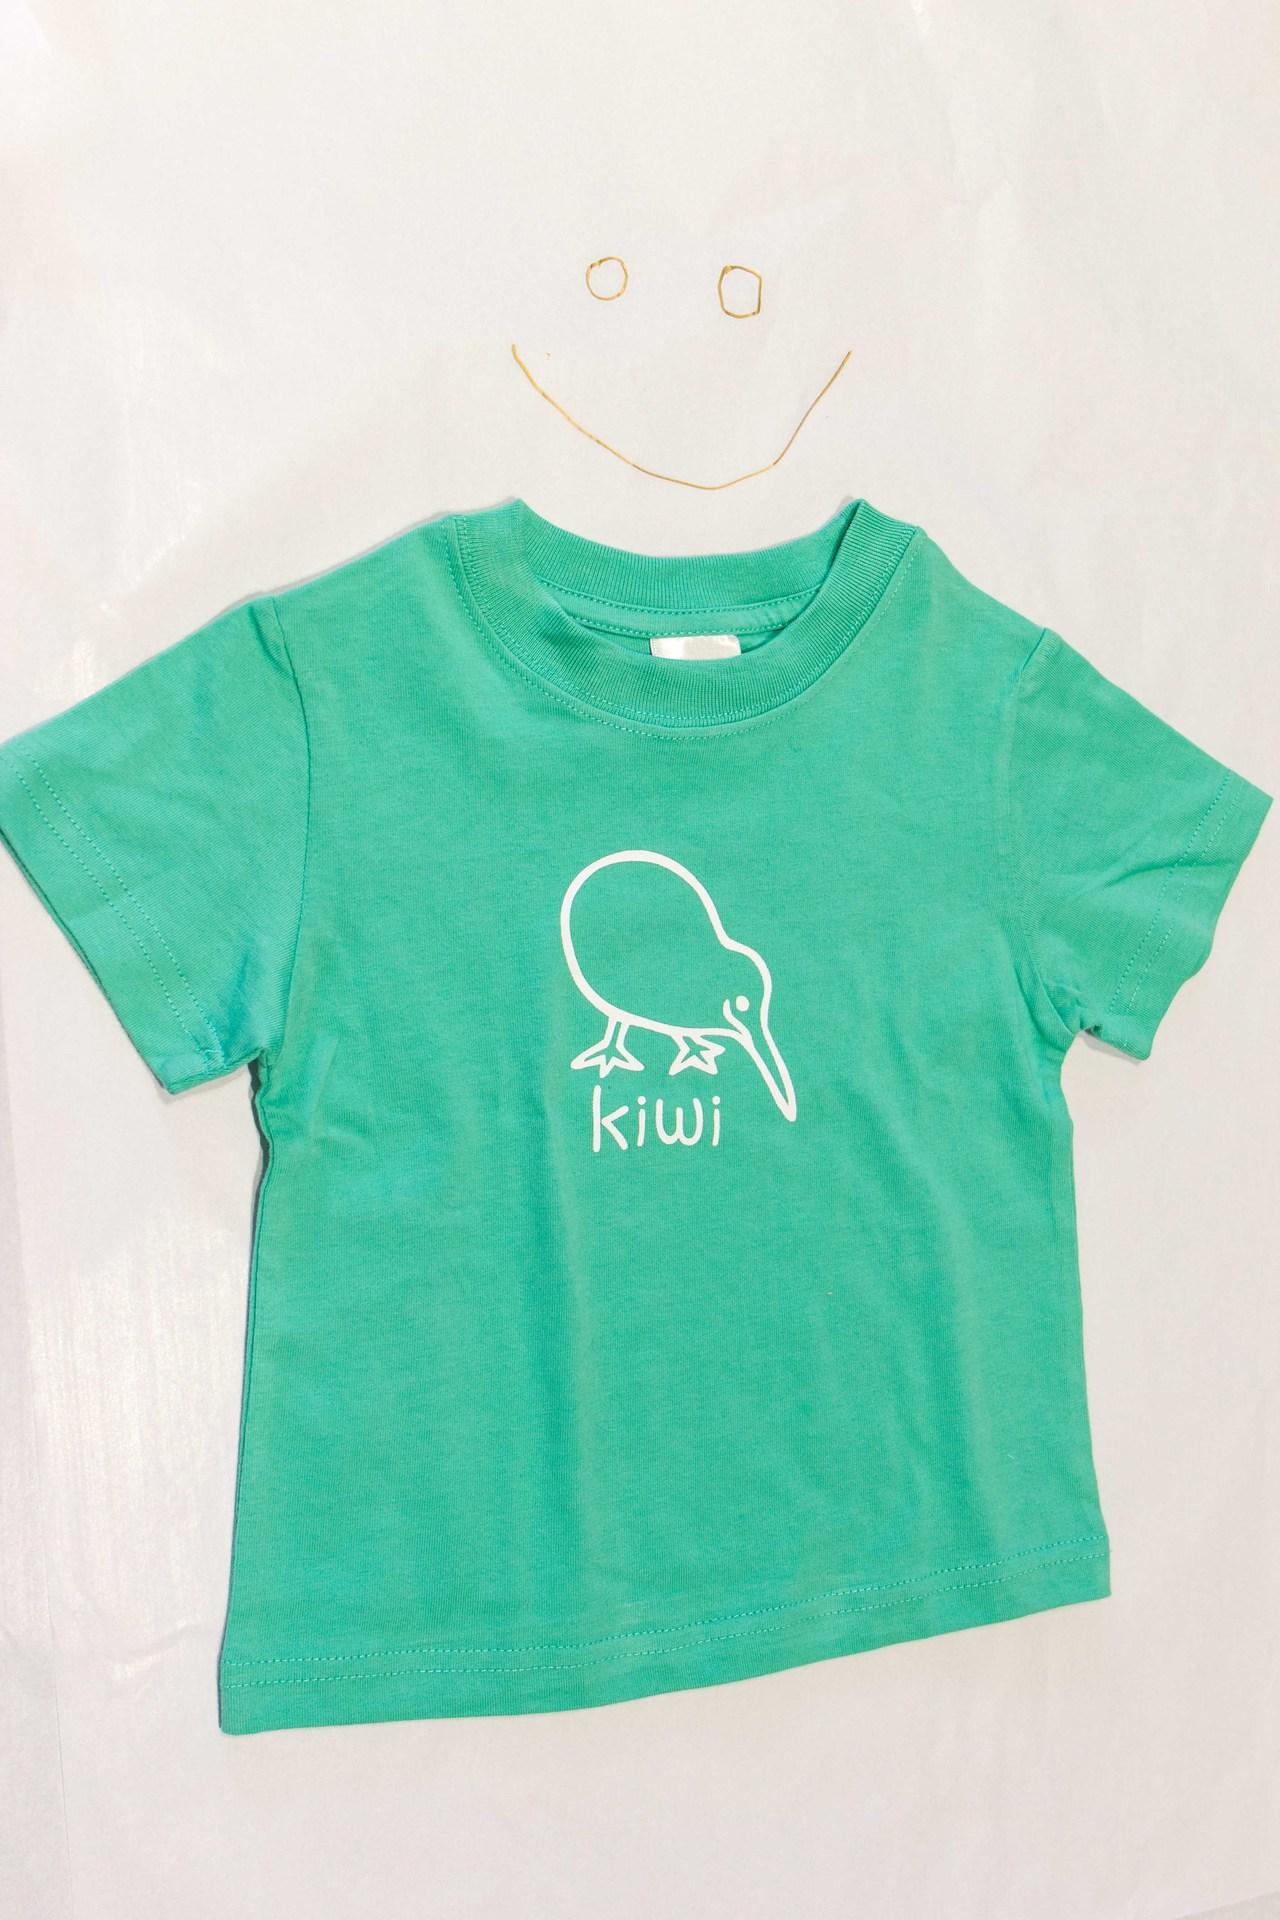 Kiwi Kruiser TShirt 2yr